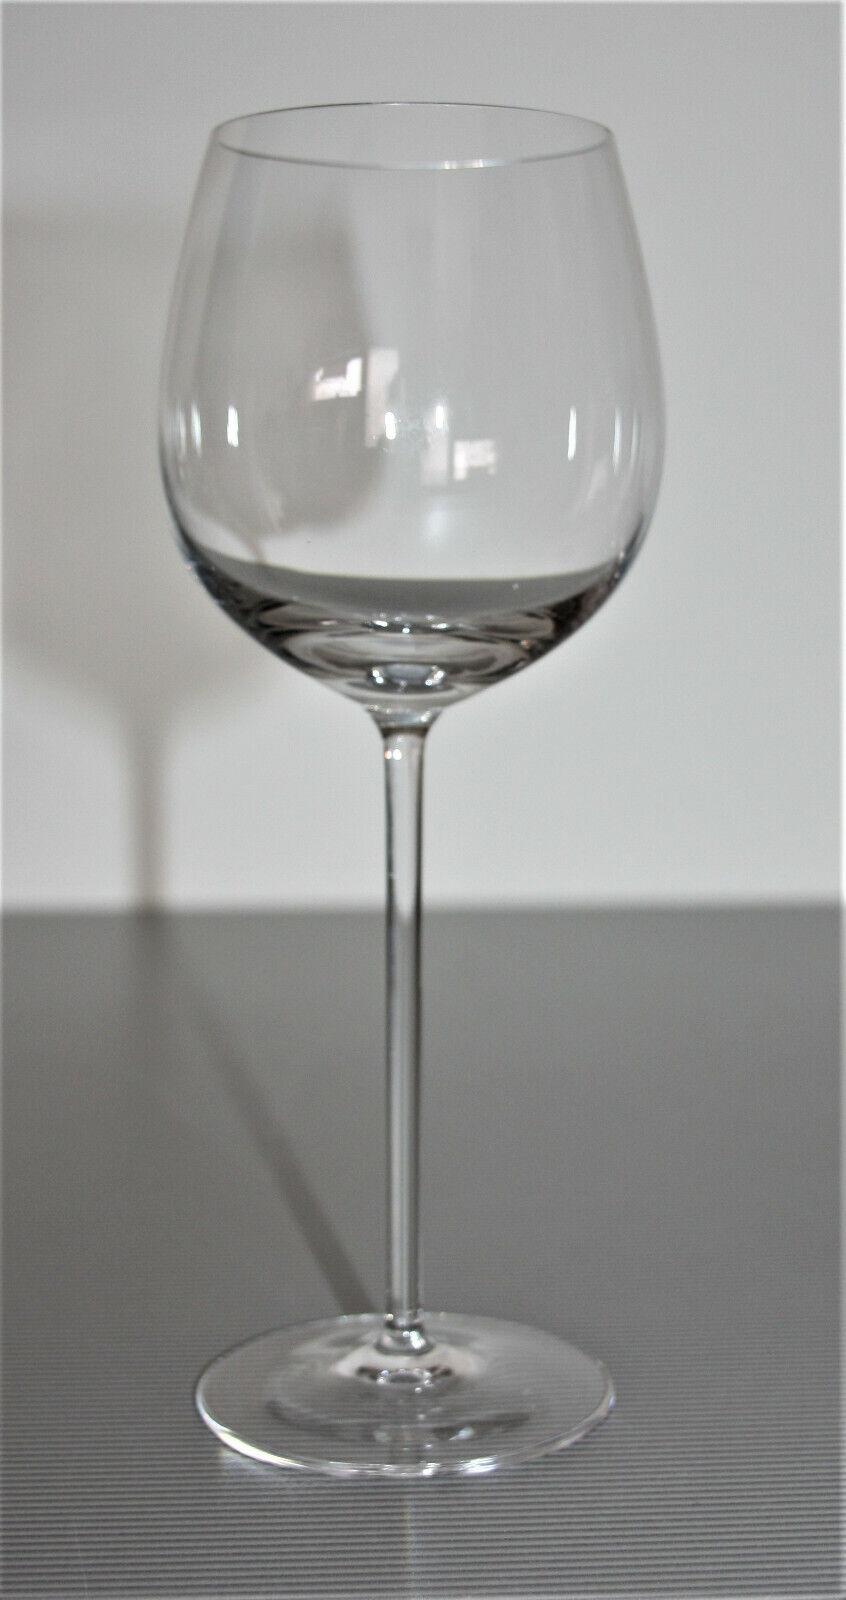 6 verre à vin blanc simple avec appel d'offres manche h 21,5 cm - verres a vin